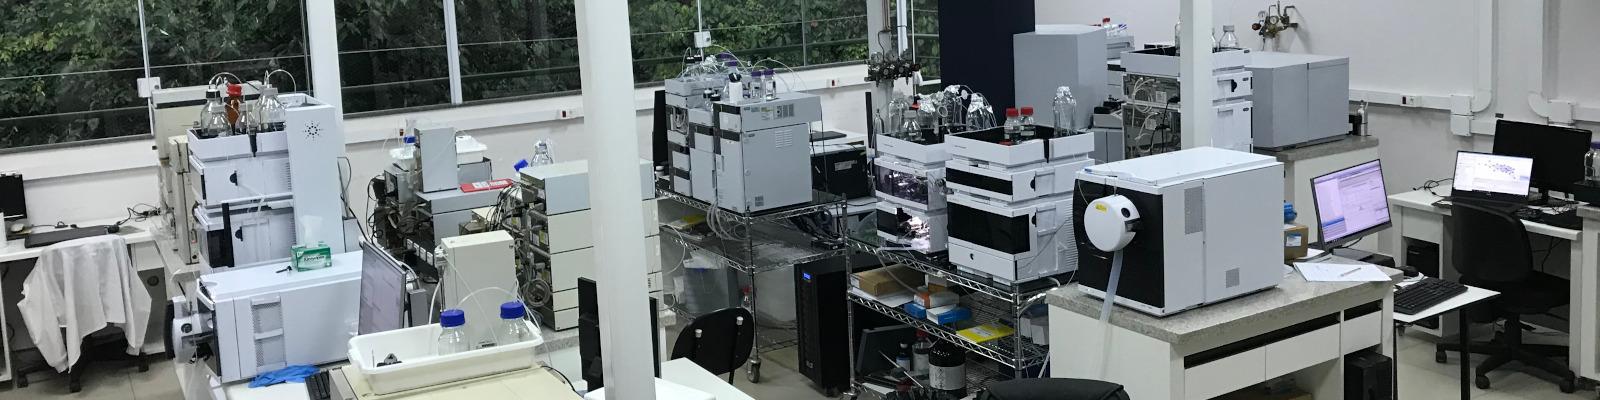 Laboratório Central Analítica